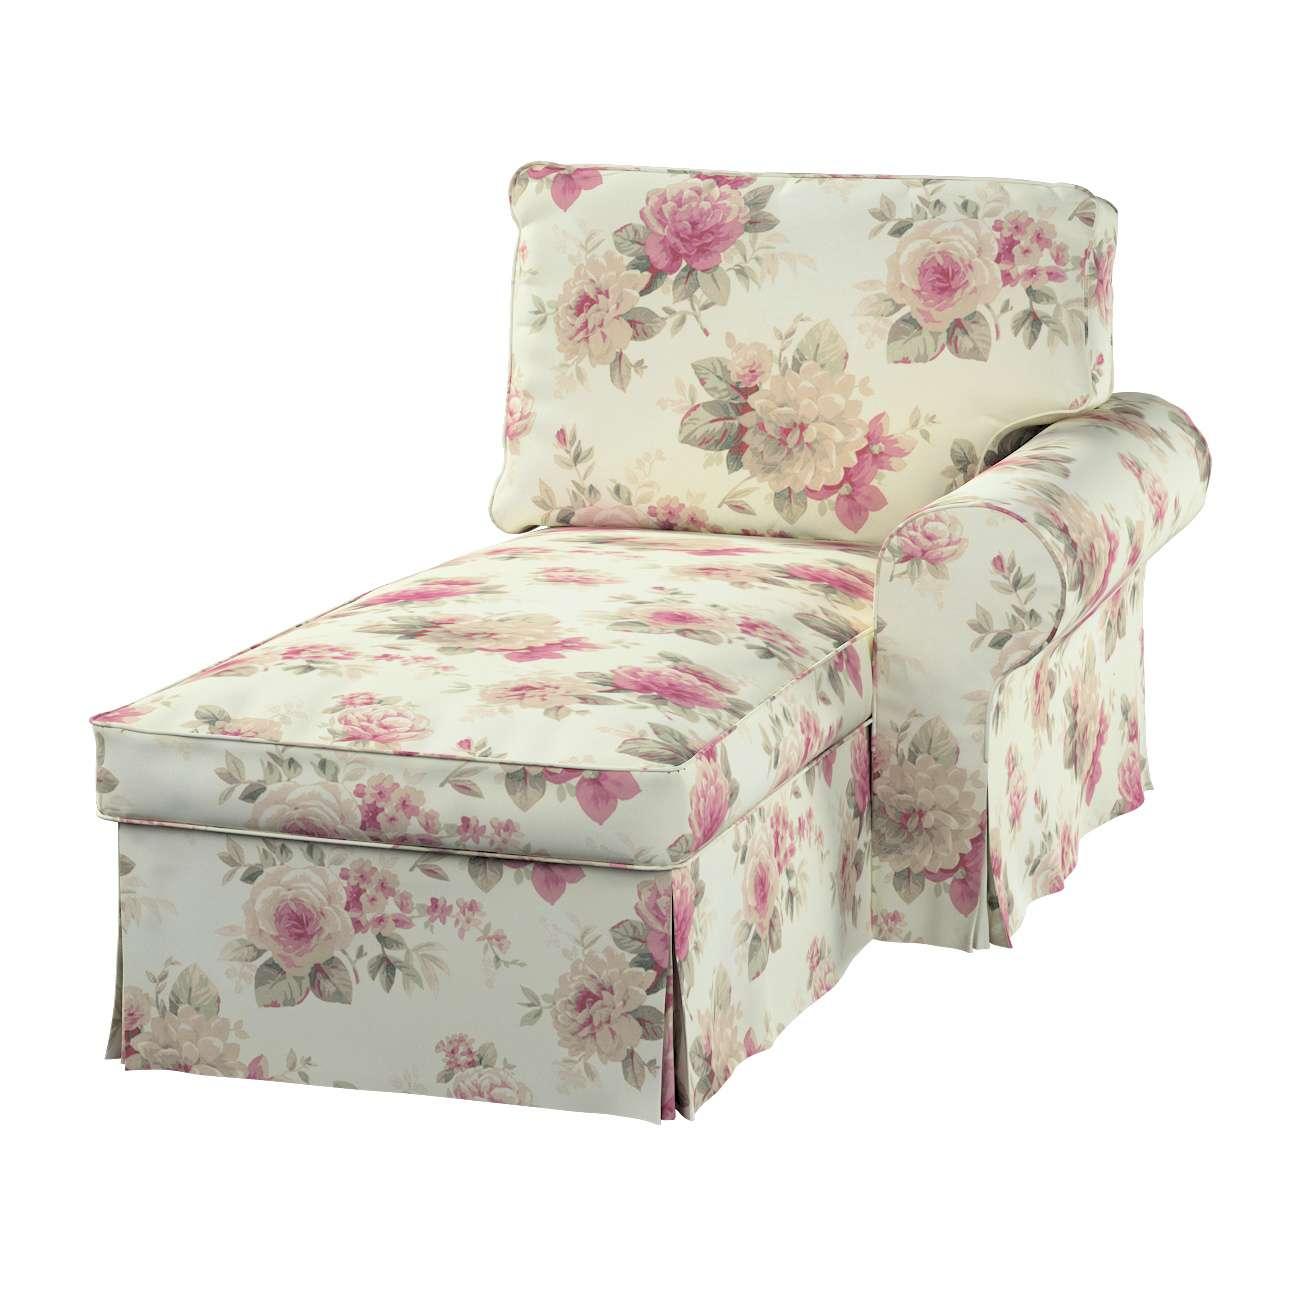 Ektorp gulimajo krėslo užvalkalas  (su porankiu, dešiniojo) Ektorp gulimojo krėslo užvalkalas su porankiu (dešiniojo) kolekcijoje Mirella, audinys: 141-07